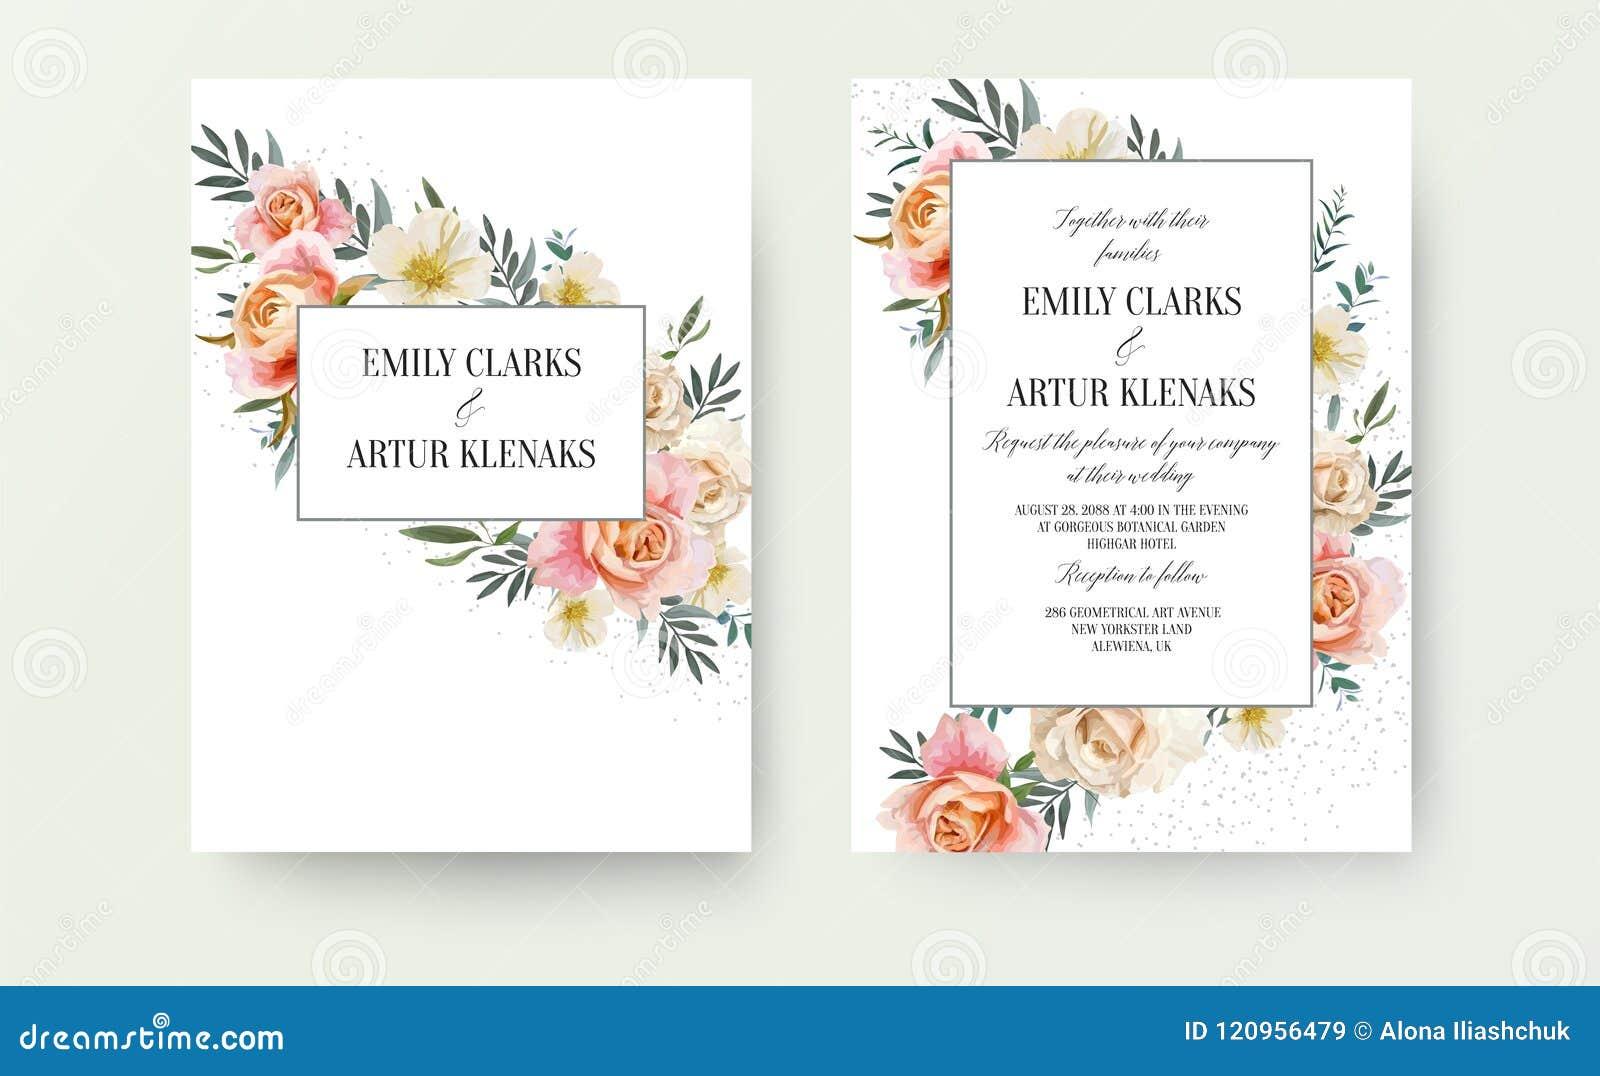 Ο γάμος floral προσκαλεί, σχέδιο καρτών πρόσκλησης: το ρόδινο ροδάκινο κήπων, πορτοκαλί αυξήθηκε, κίτρινο άσπρο λουλούδι Magnolia